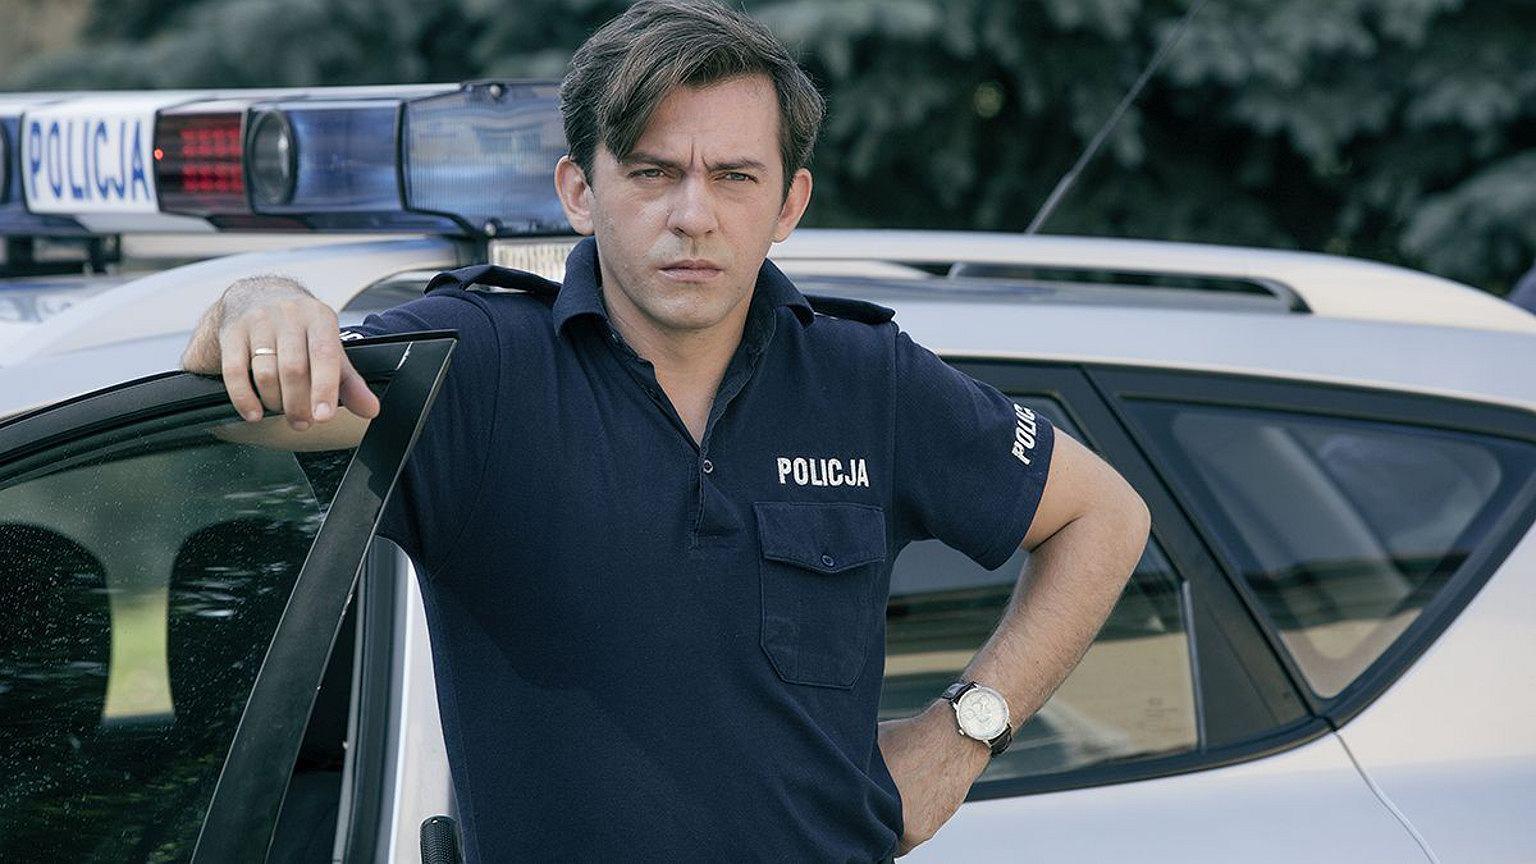 Mężczyzna w mundurze policjanta